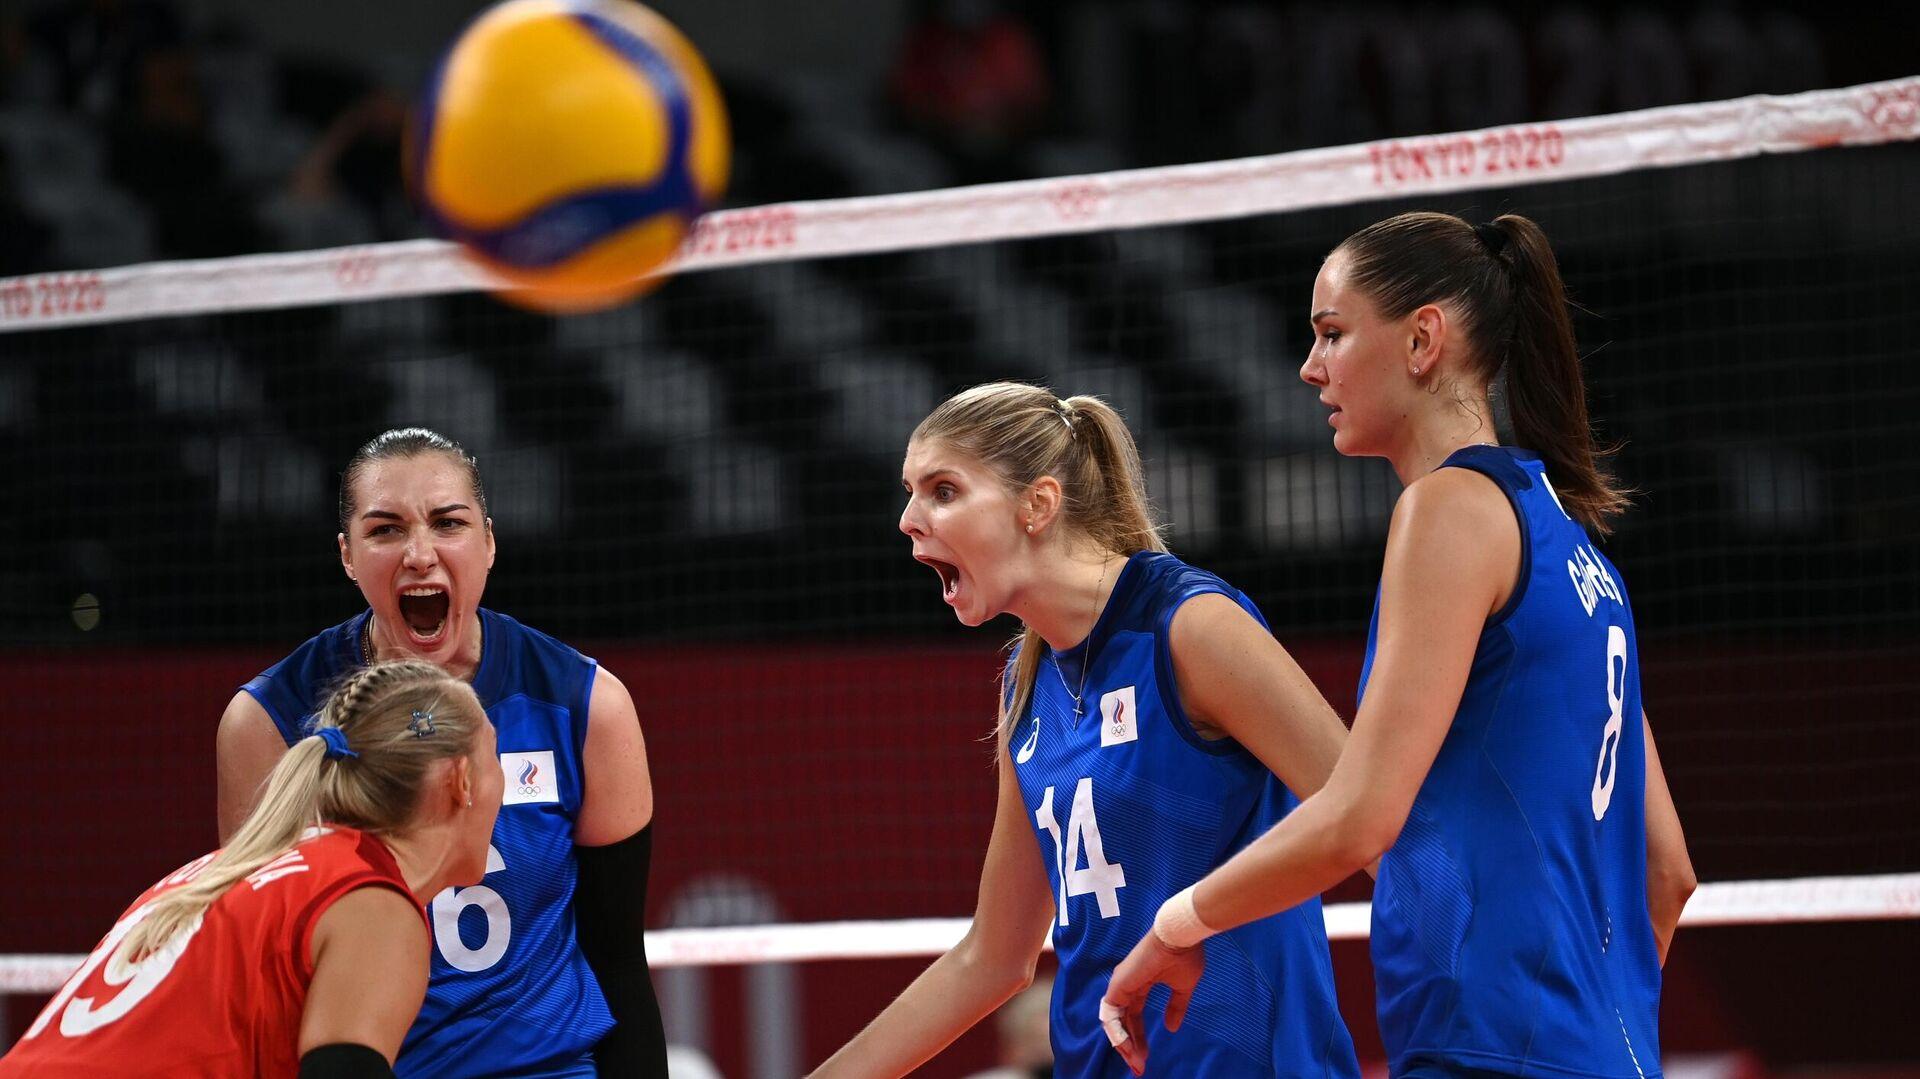 Олимпиада-2020. Волейбол. Женщины. Матч США - Россия - РИА Новости, 1920, 31.07.2021